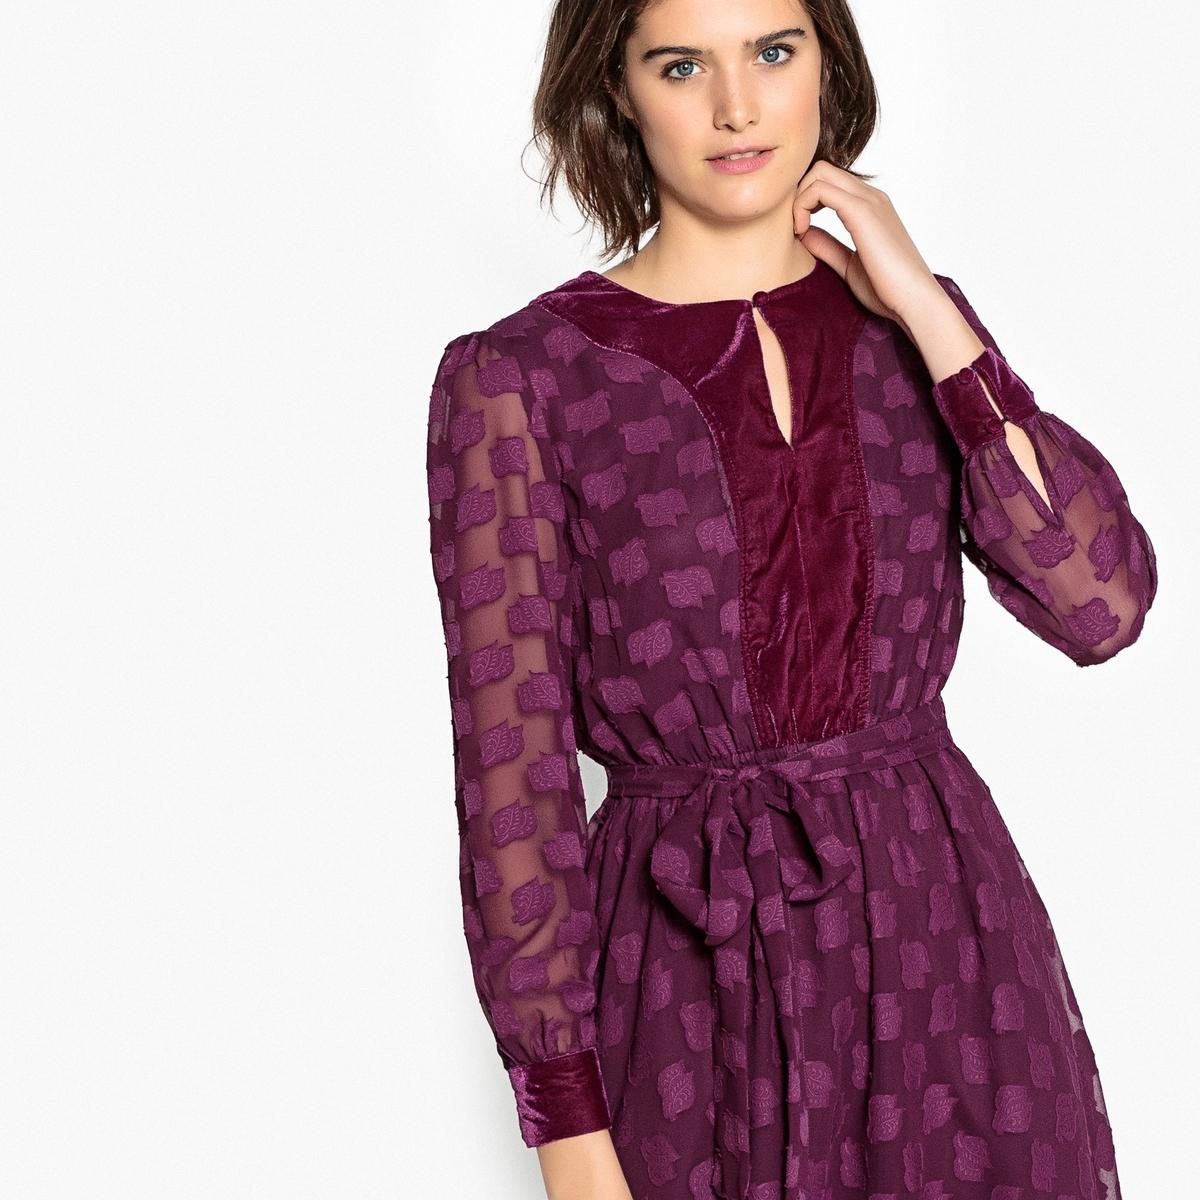 Платье La Redoute Расклешенное с вышивкой гладью и велюровой вставкой 36 (FR) - 42 (RUS) красный платье la redoute радужное estelle 36 fr 42 rus черный